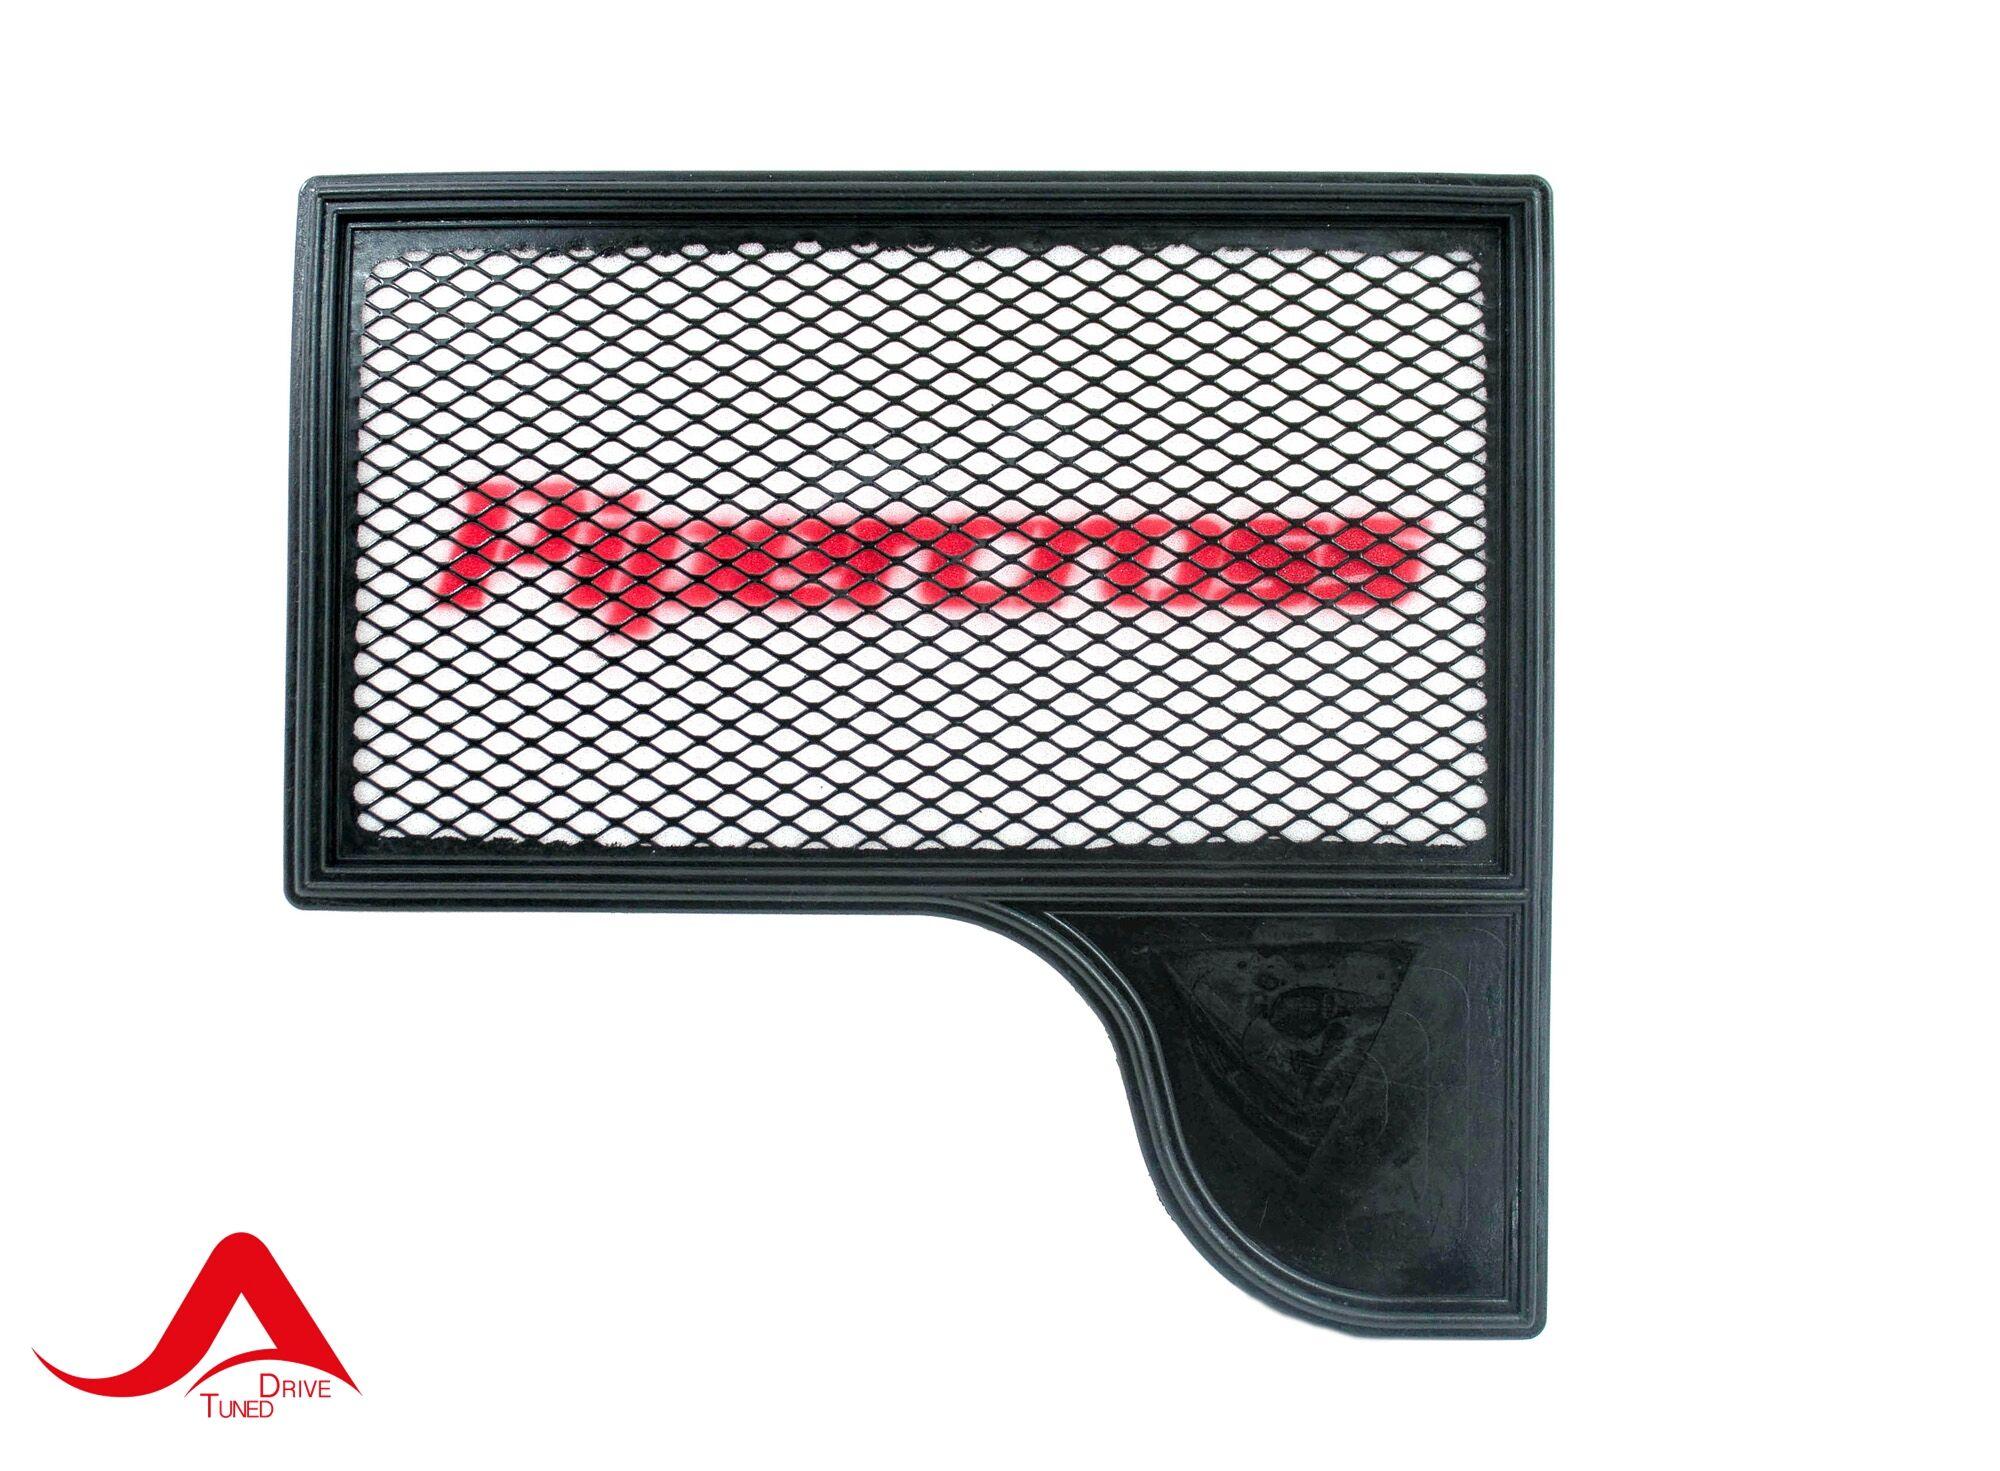 Pipercross Sportluftfilter für Ford Mustang VI 2 3 Ecoboost 3 7 V6